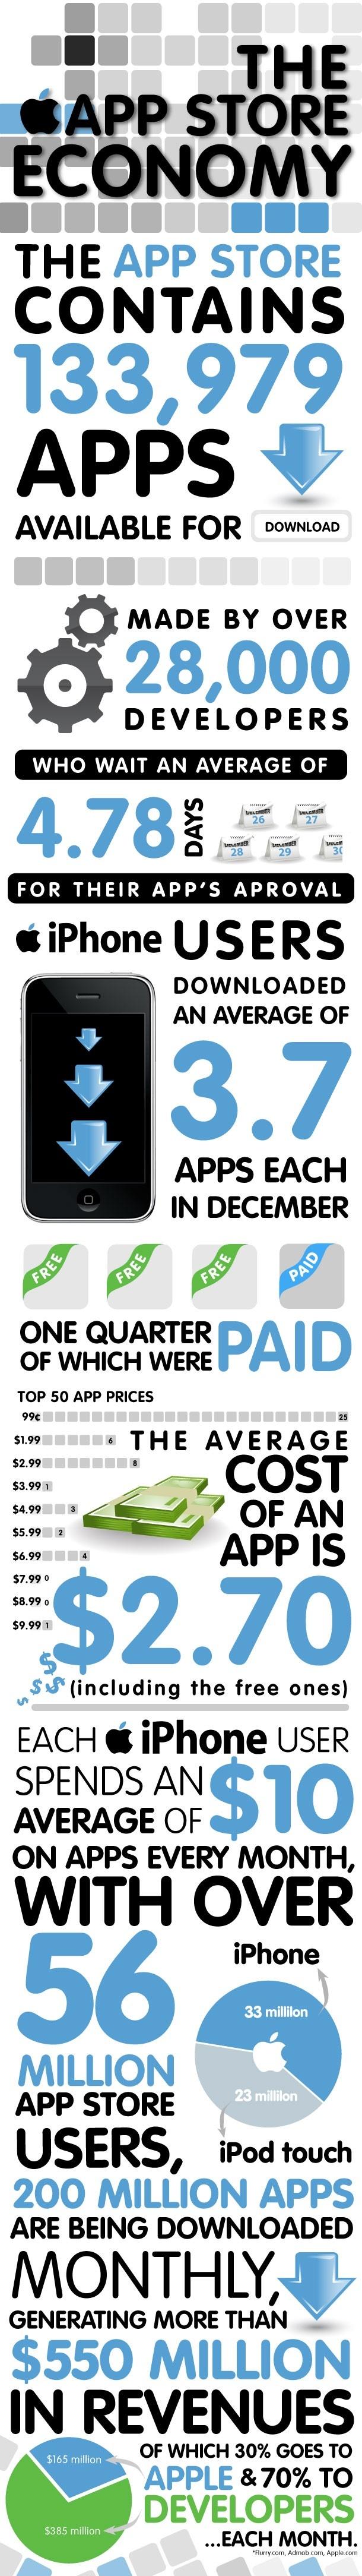 go-app-store-r4